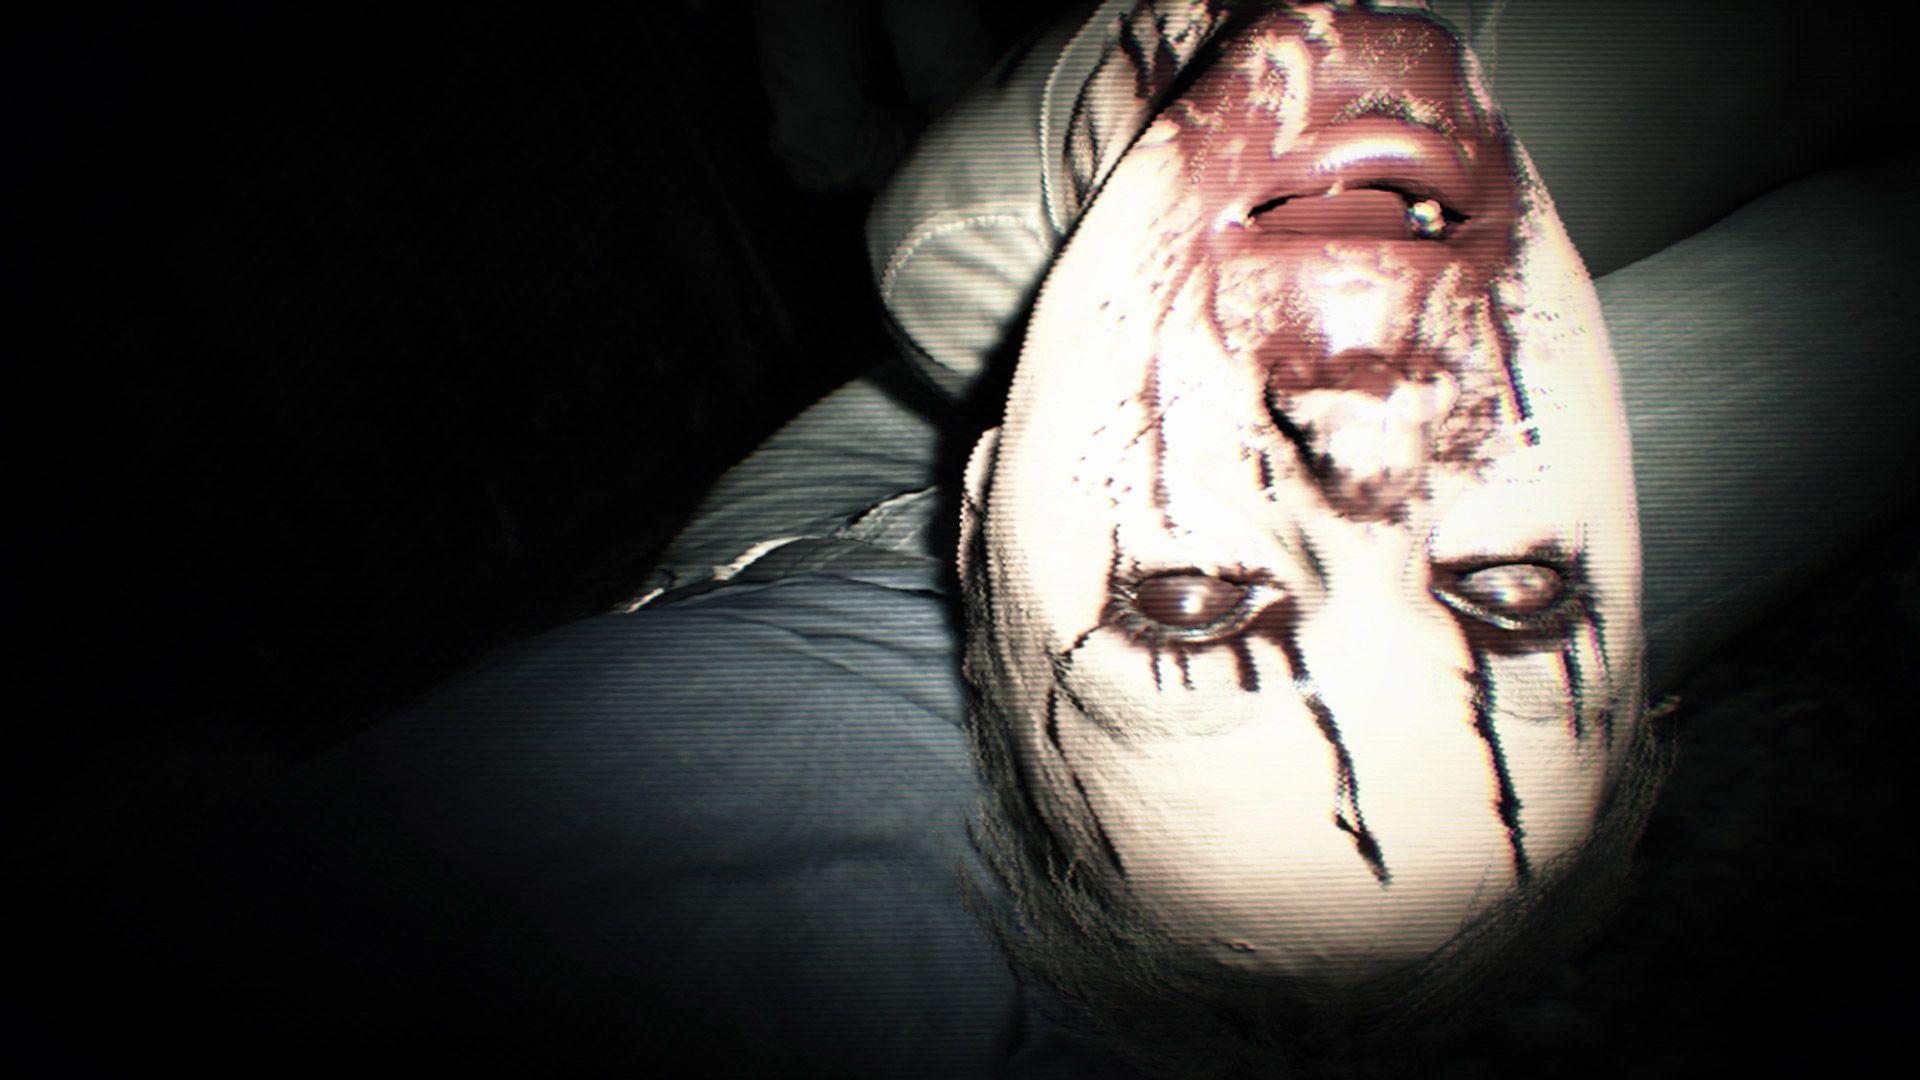 Resident Evil 7 Aseguran que el parecido con PT es coincidencia